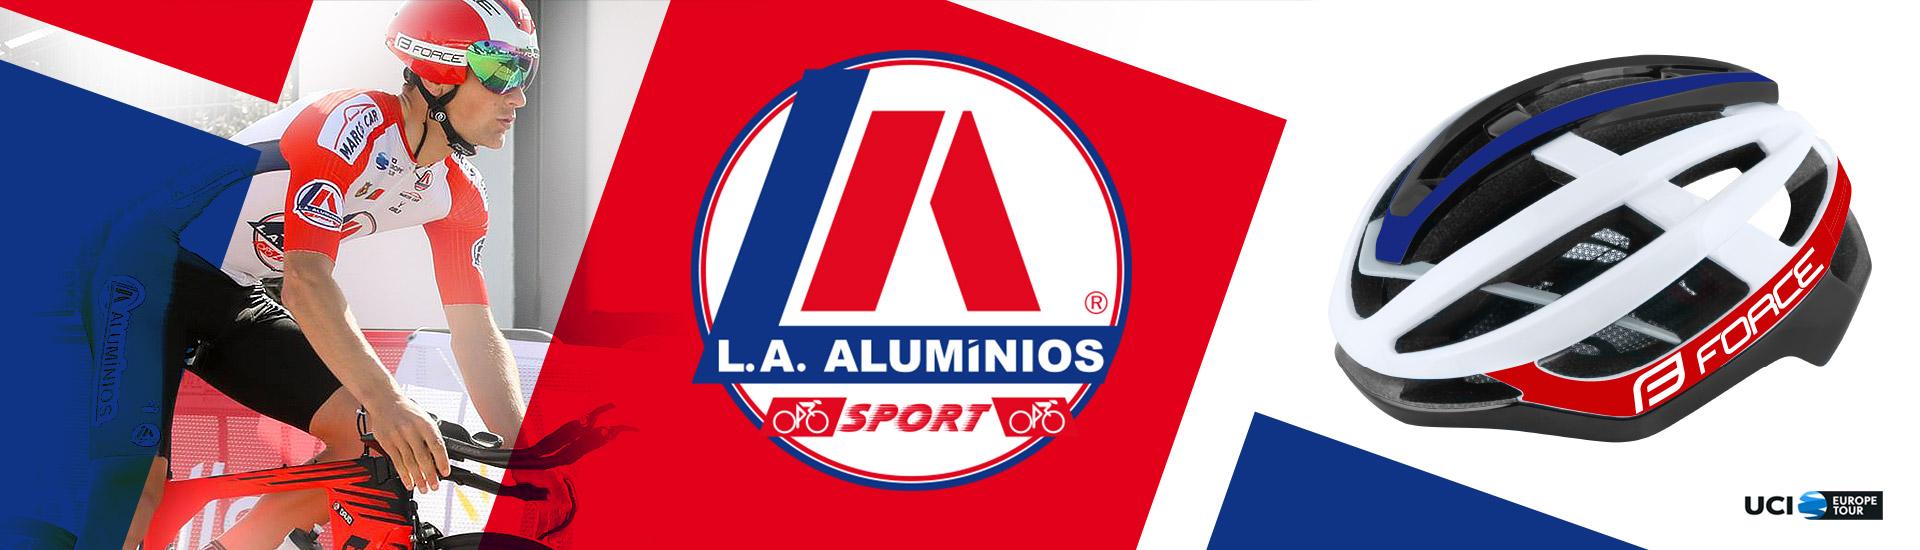 L.A. Alumínios